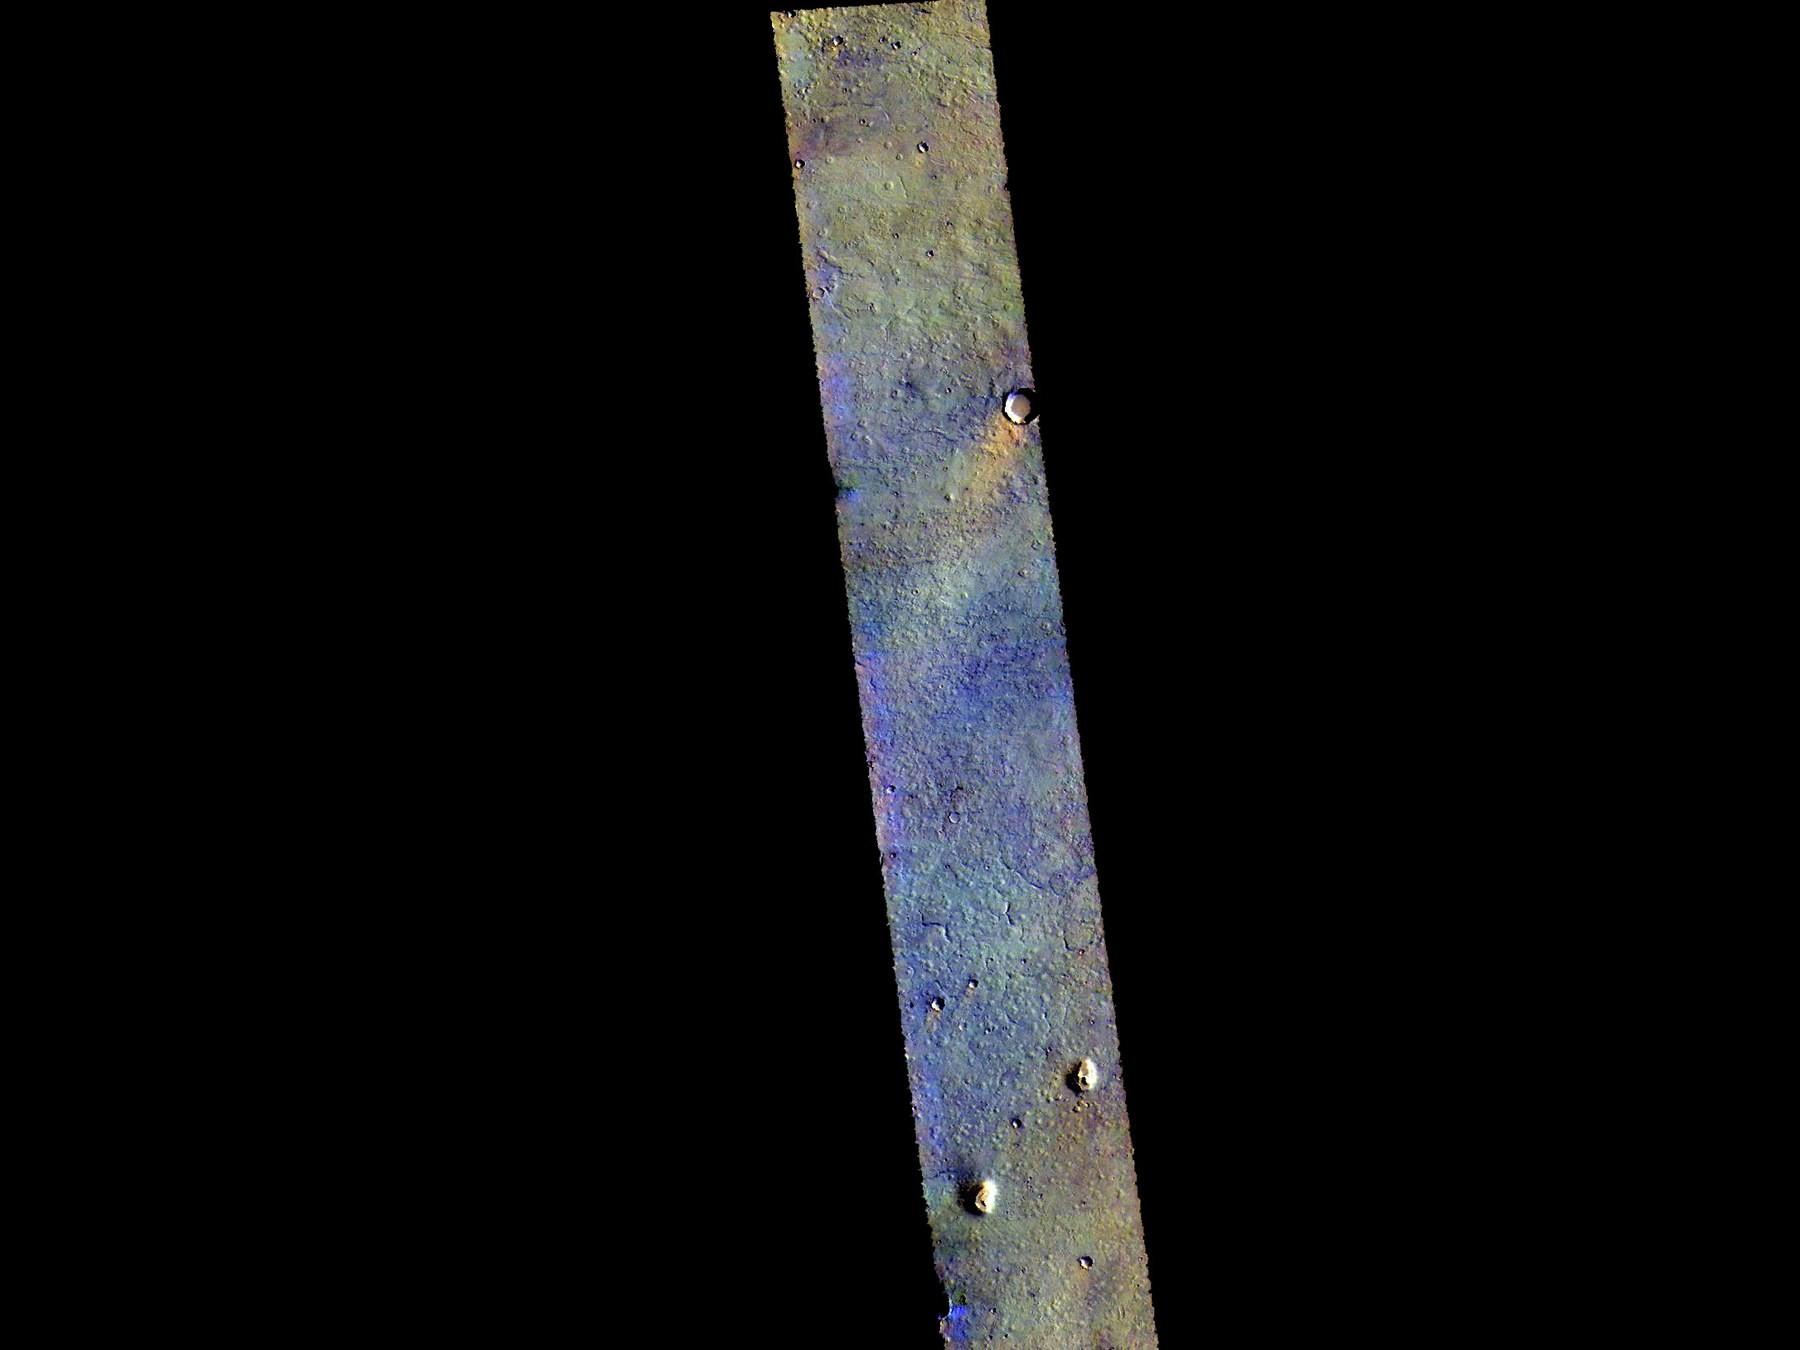 Полоска поверхности Марса, на которой видно базальтовые породы (темно-синий цвет)